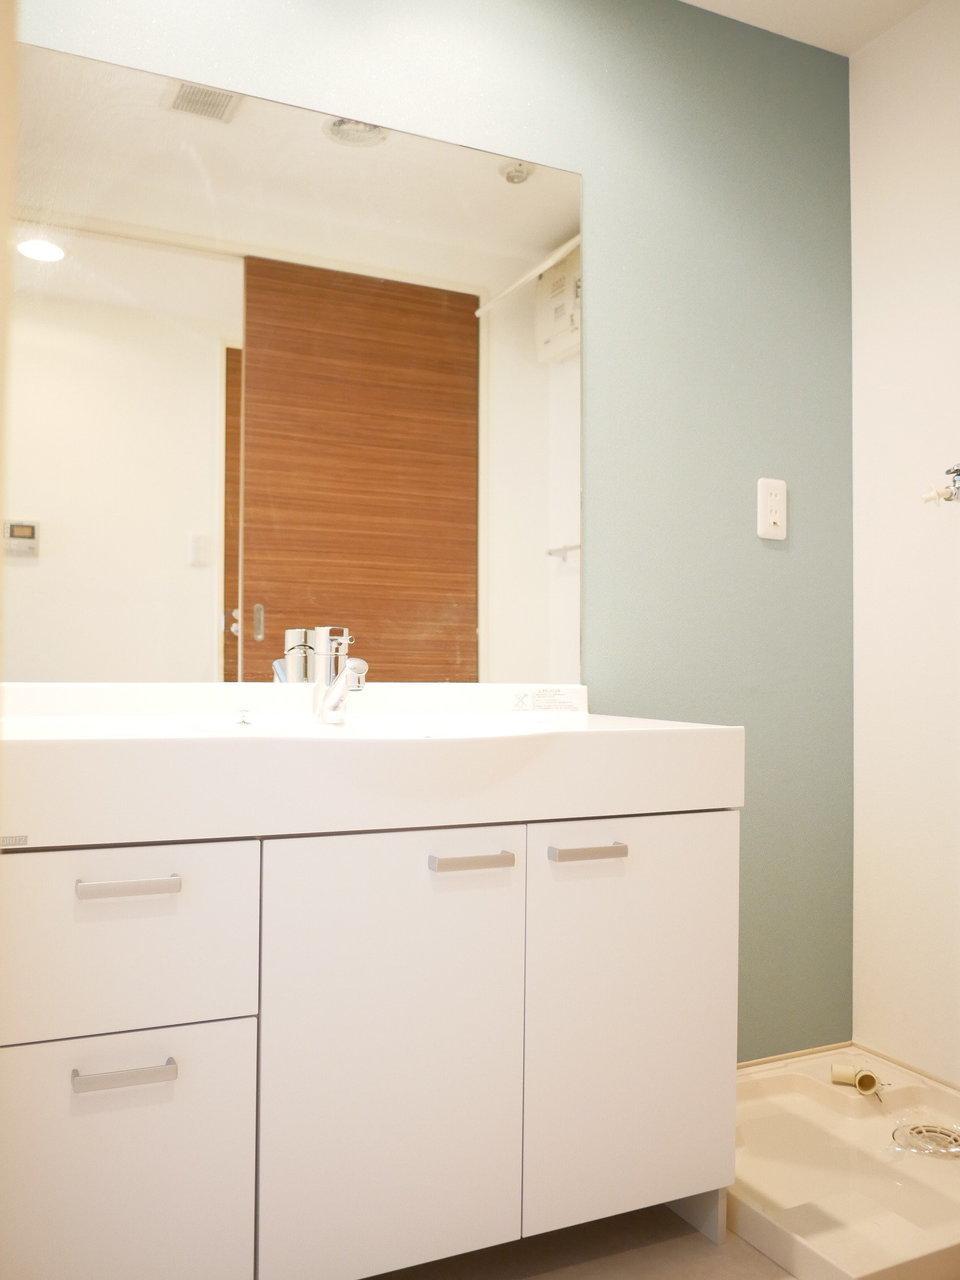 洗面台もゆったりしていておしゃれな水栓と洗面ボウル。朝の支度も快適なはずです。